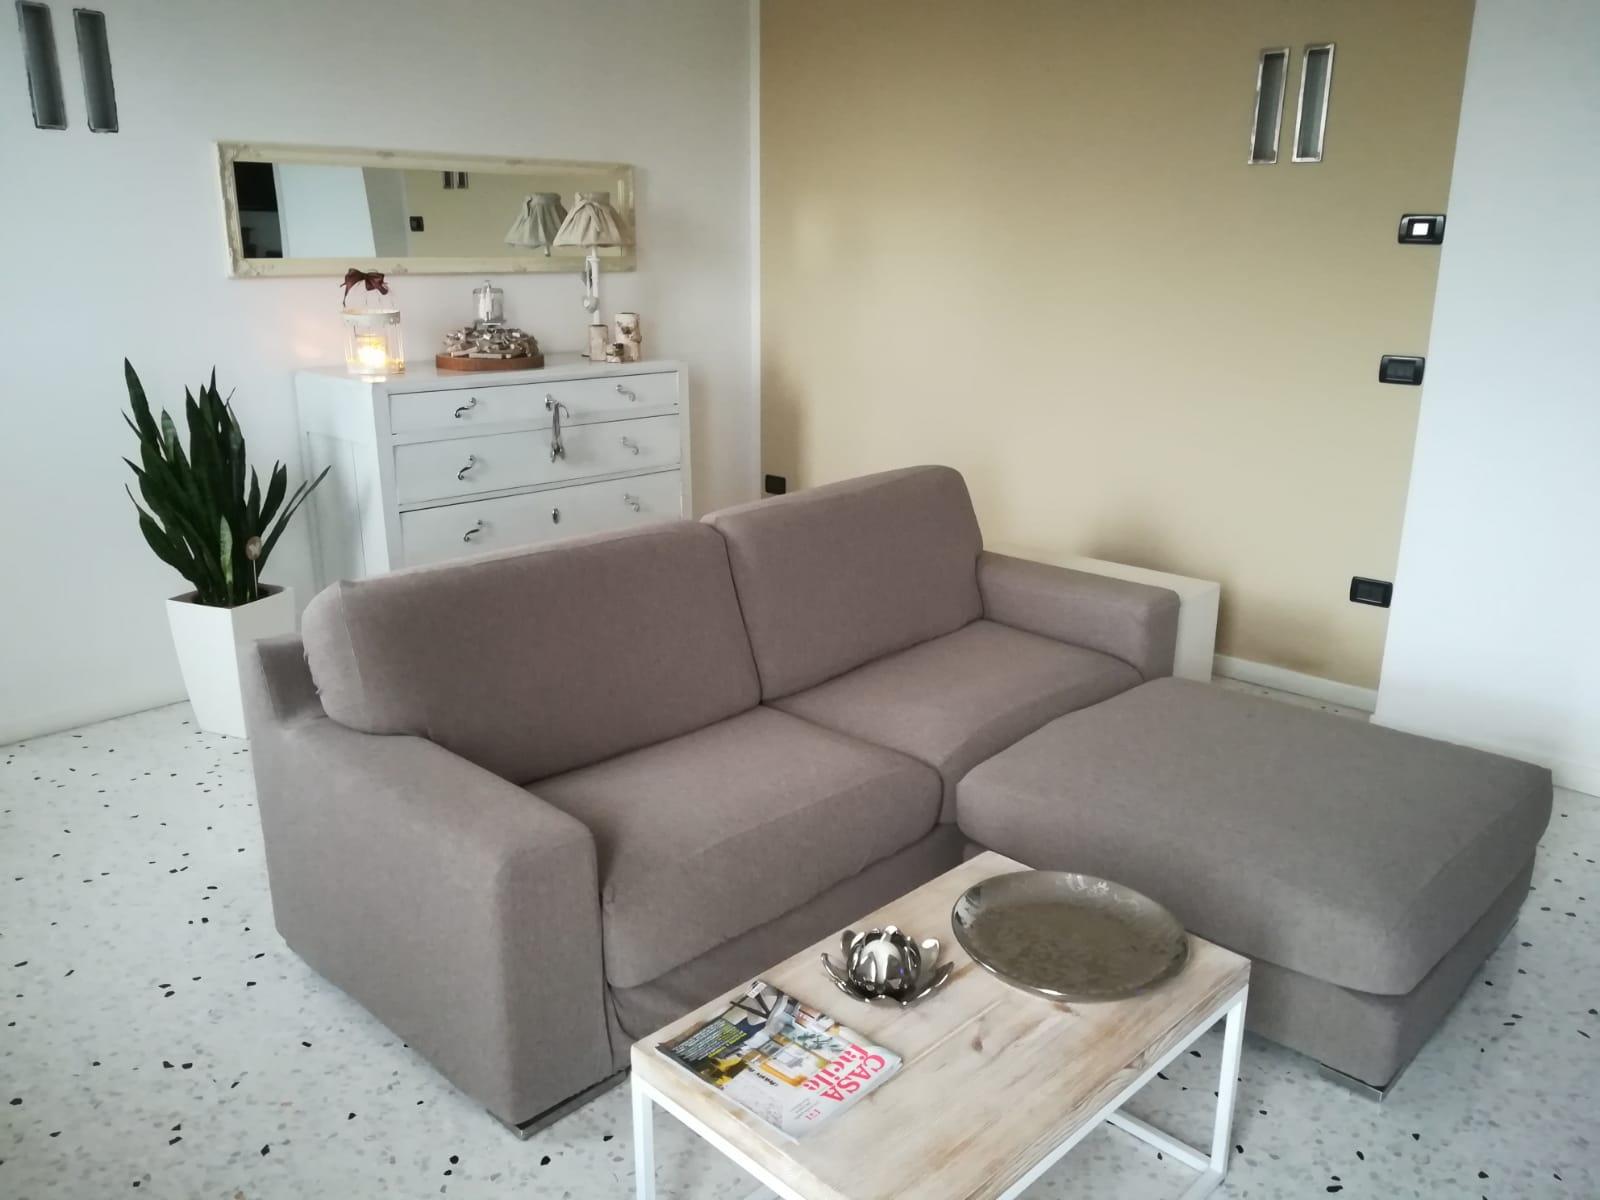 Copridivano su misura produzione tessile - Un divano per dodici ...